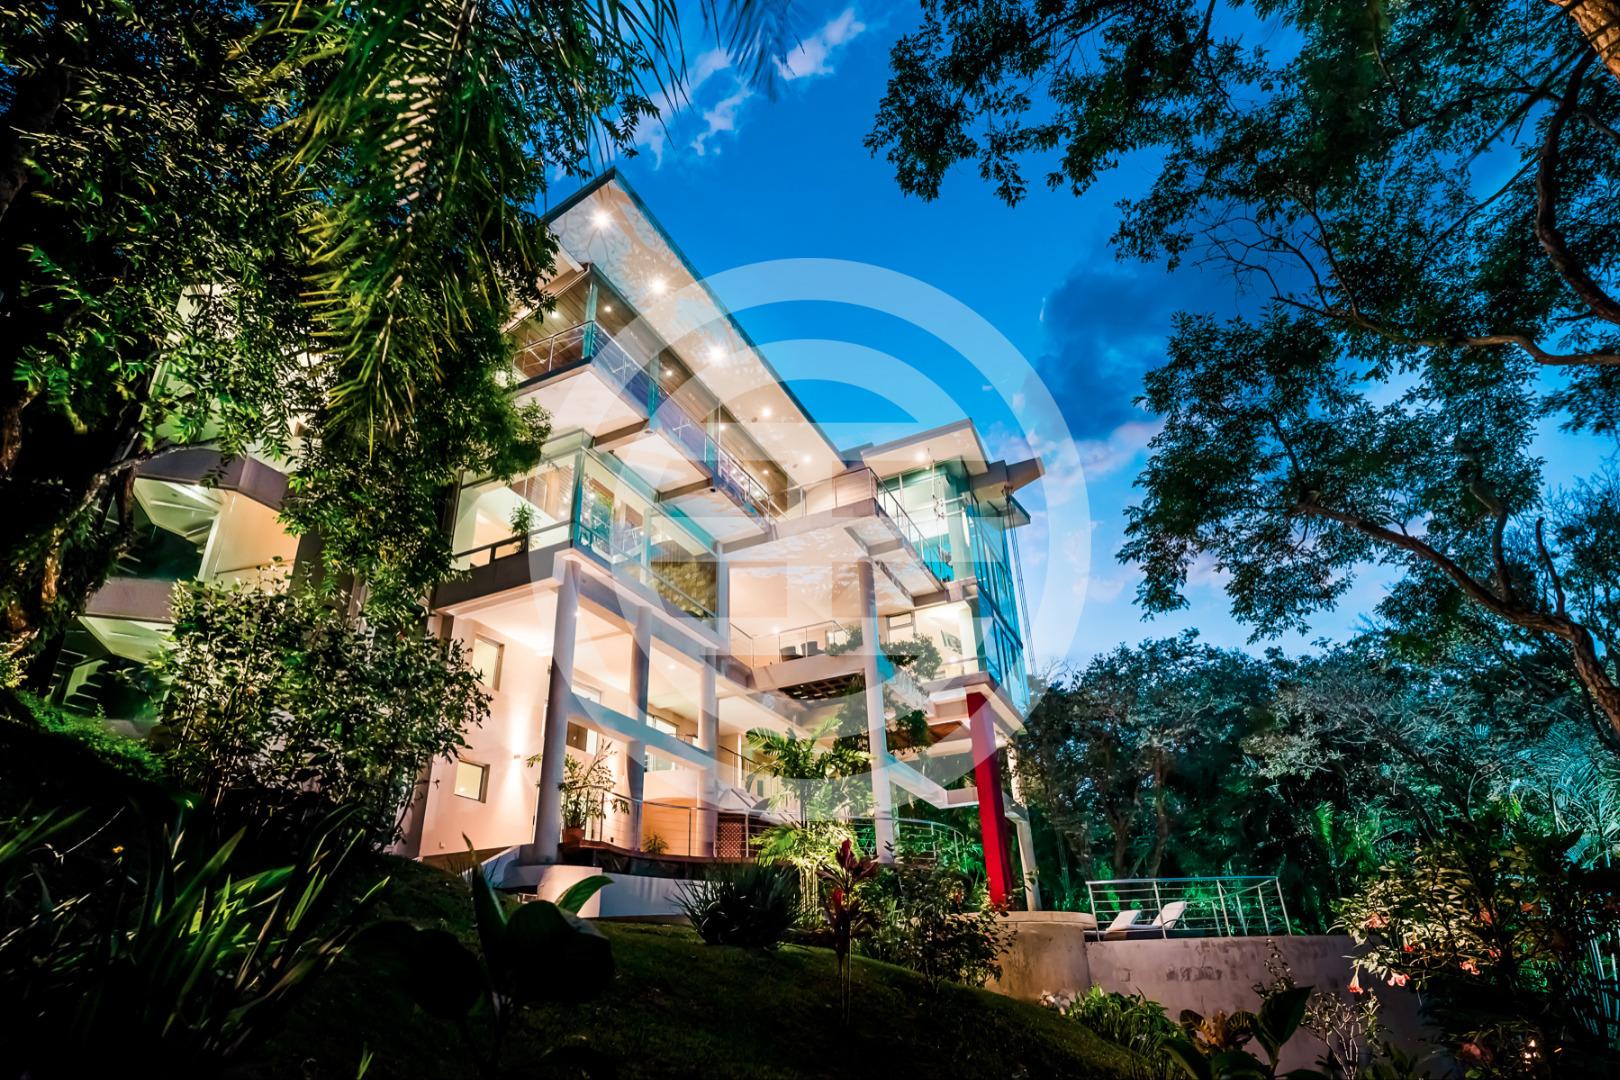 居外网出售的这套哥斯达黎加房产Parque Montana Del Sol,位于自然保护区中,设计精美无比